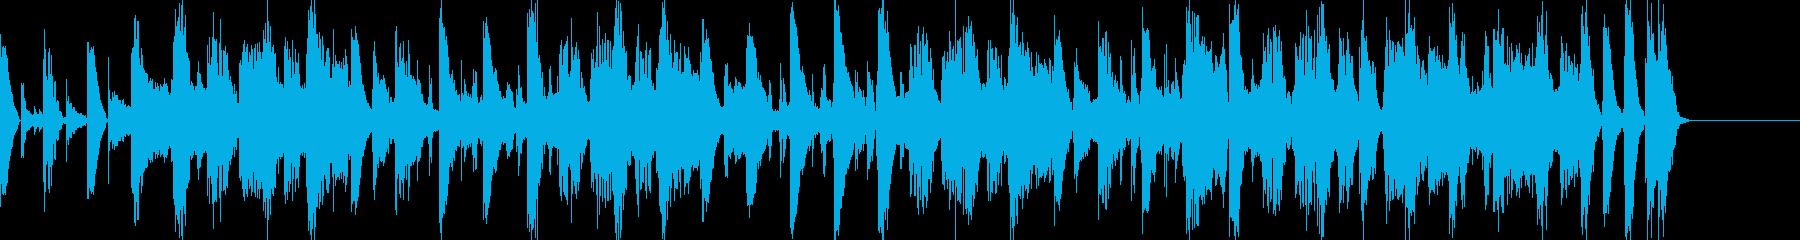 解答をフリップに出すシンキングタイム風の再生済みの波形